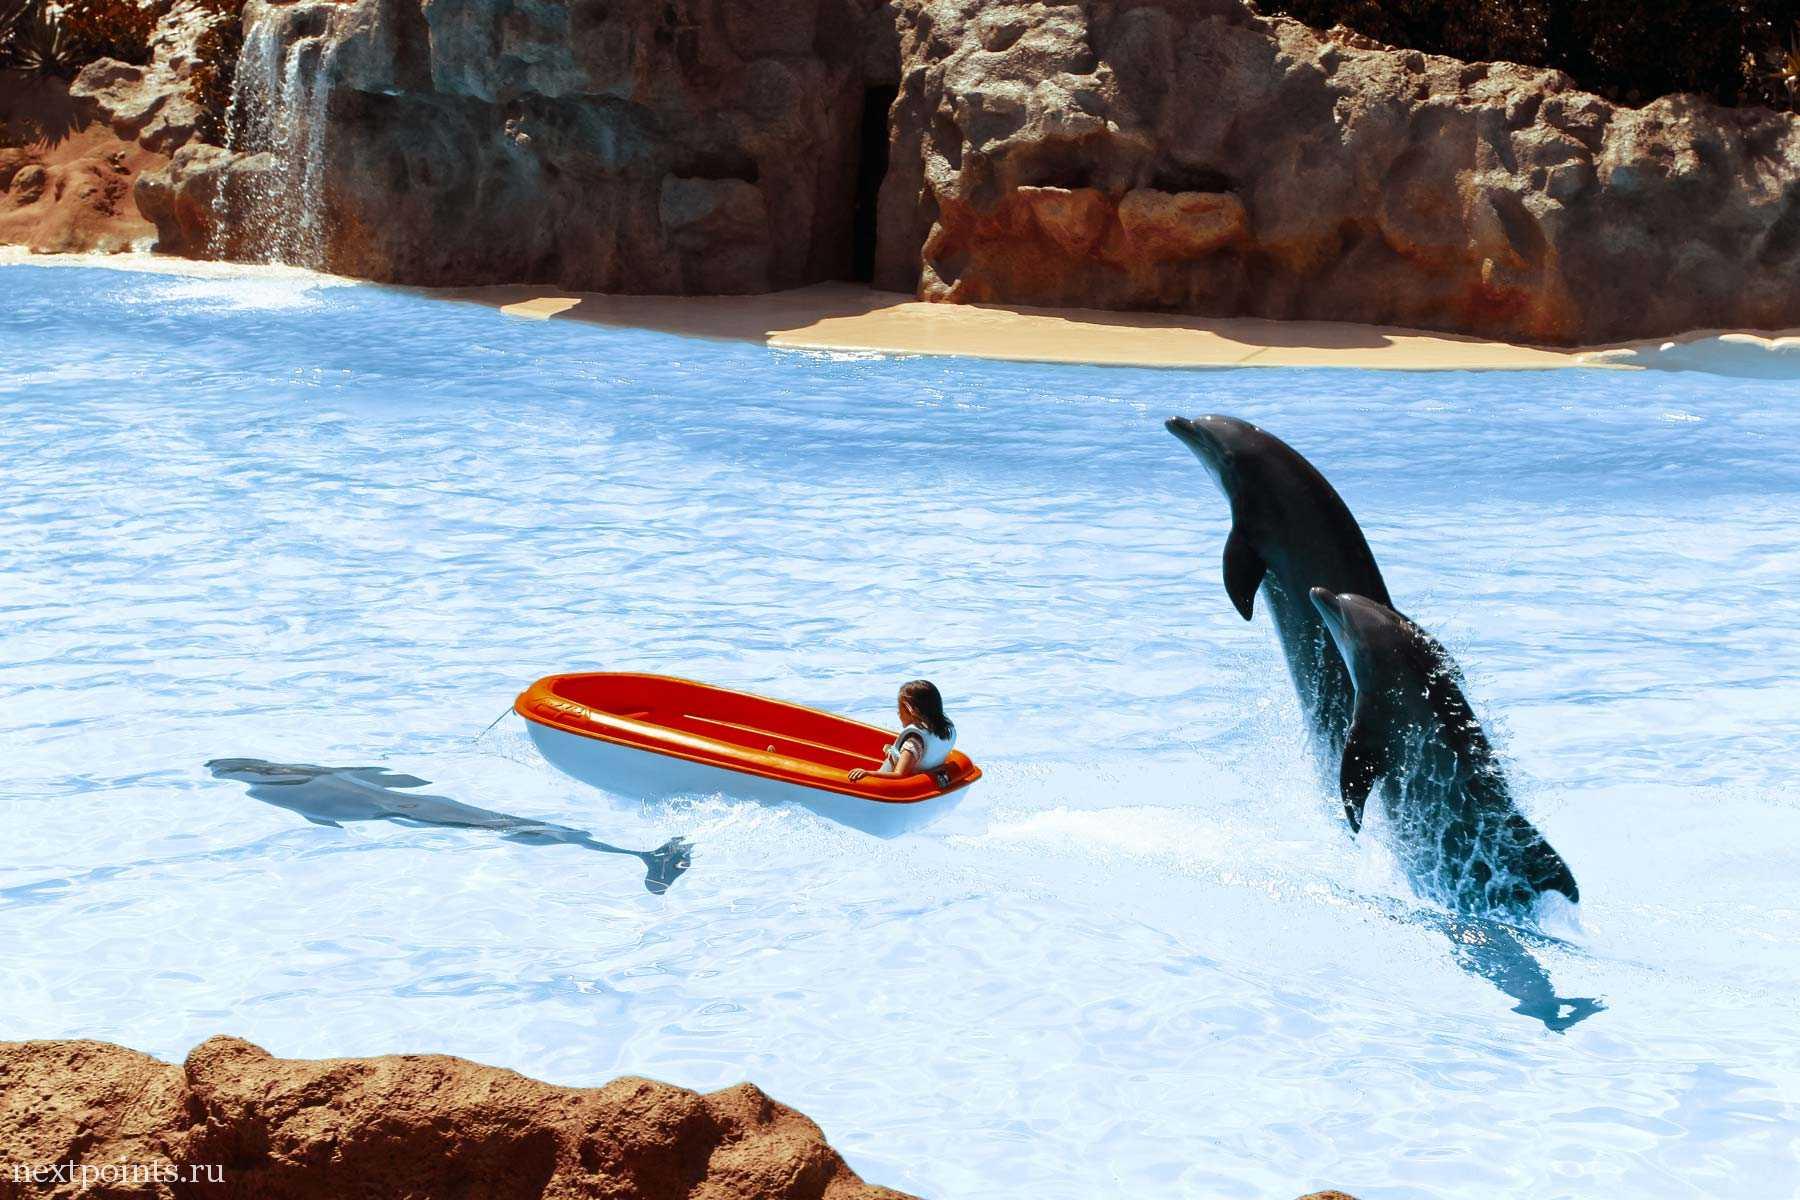 Дельфины должны проплыть с ребенком на лодке до противоположного берега